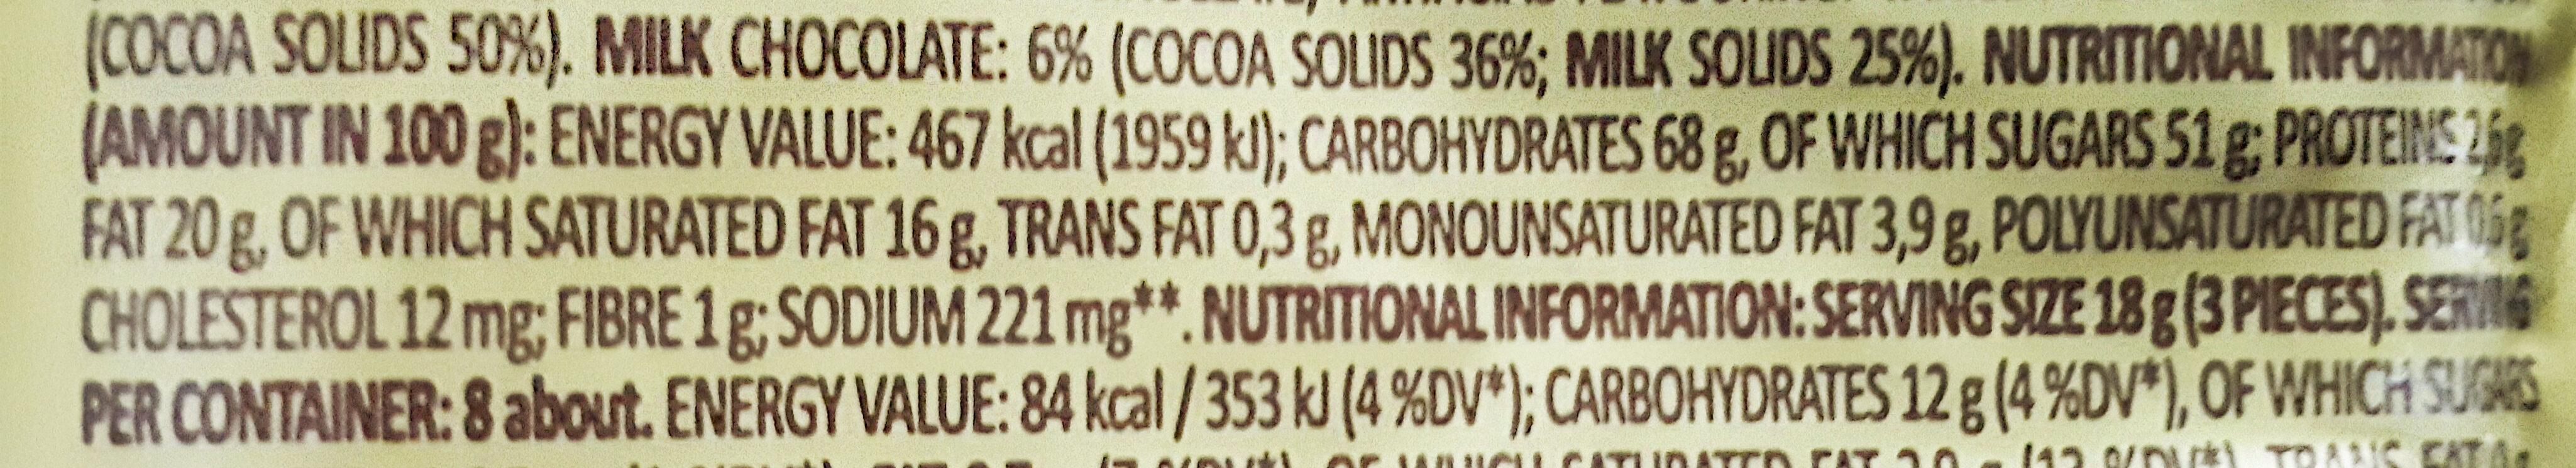 Butter Toffees Chocolate - Informação nutricional - en